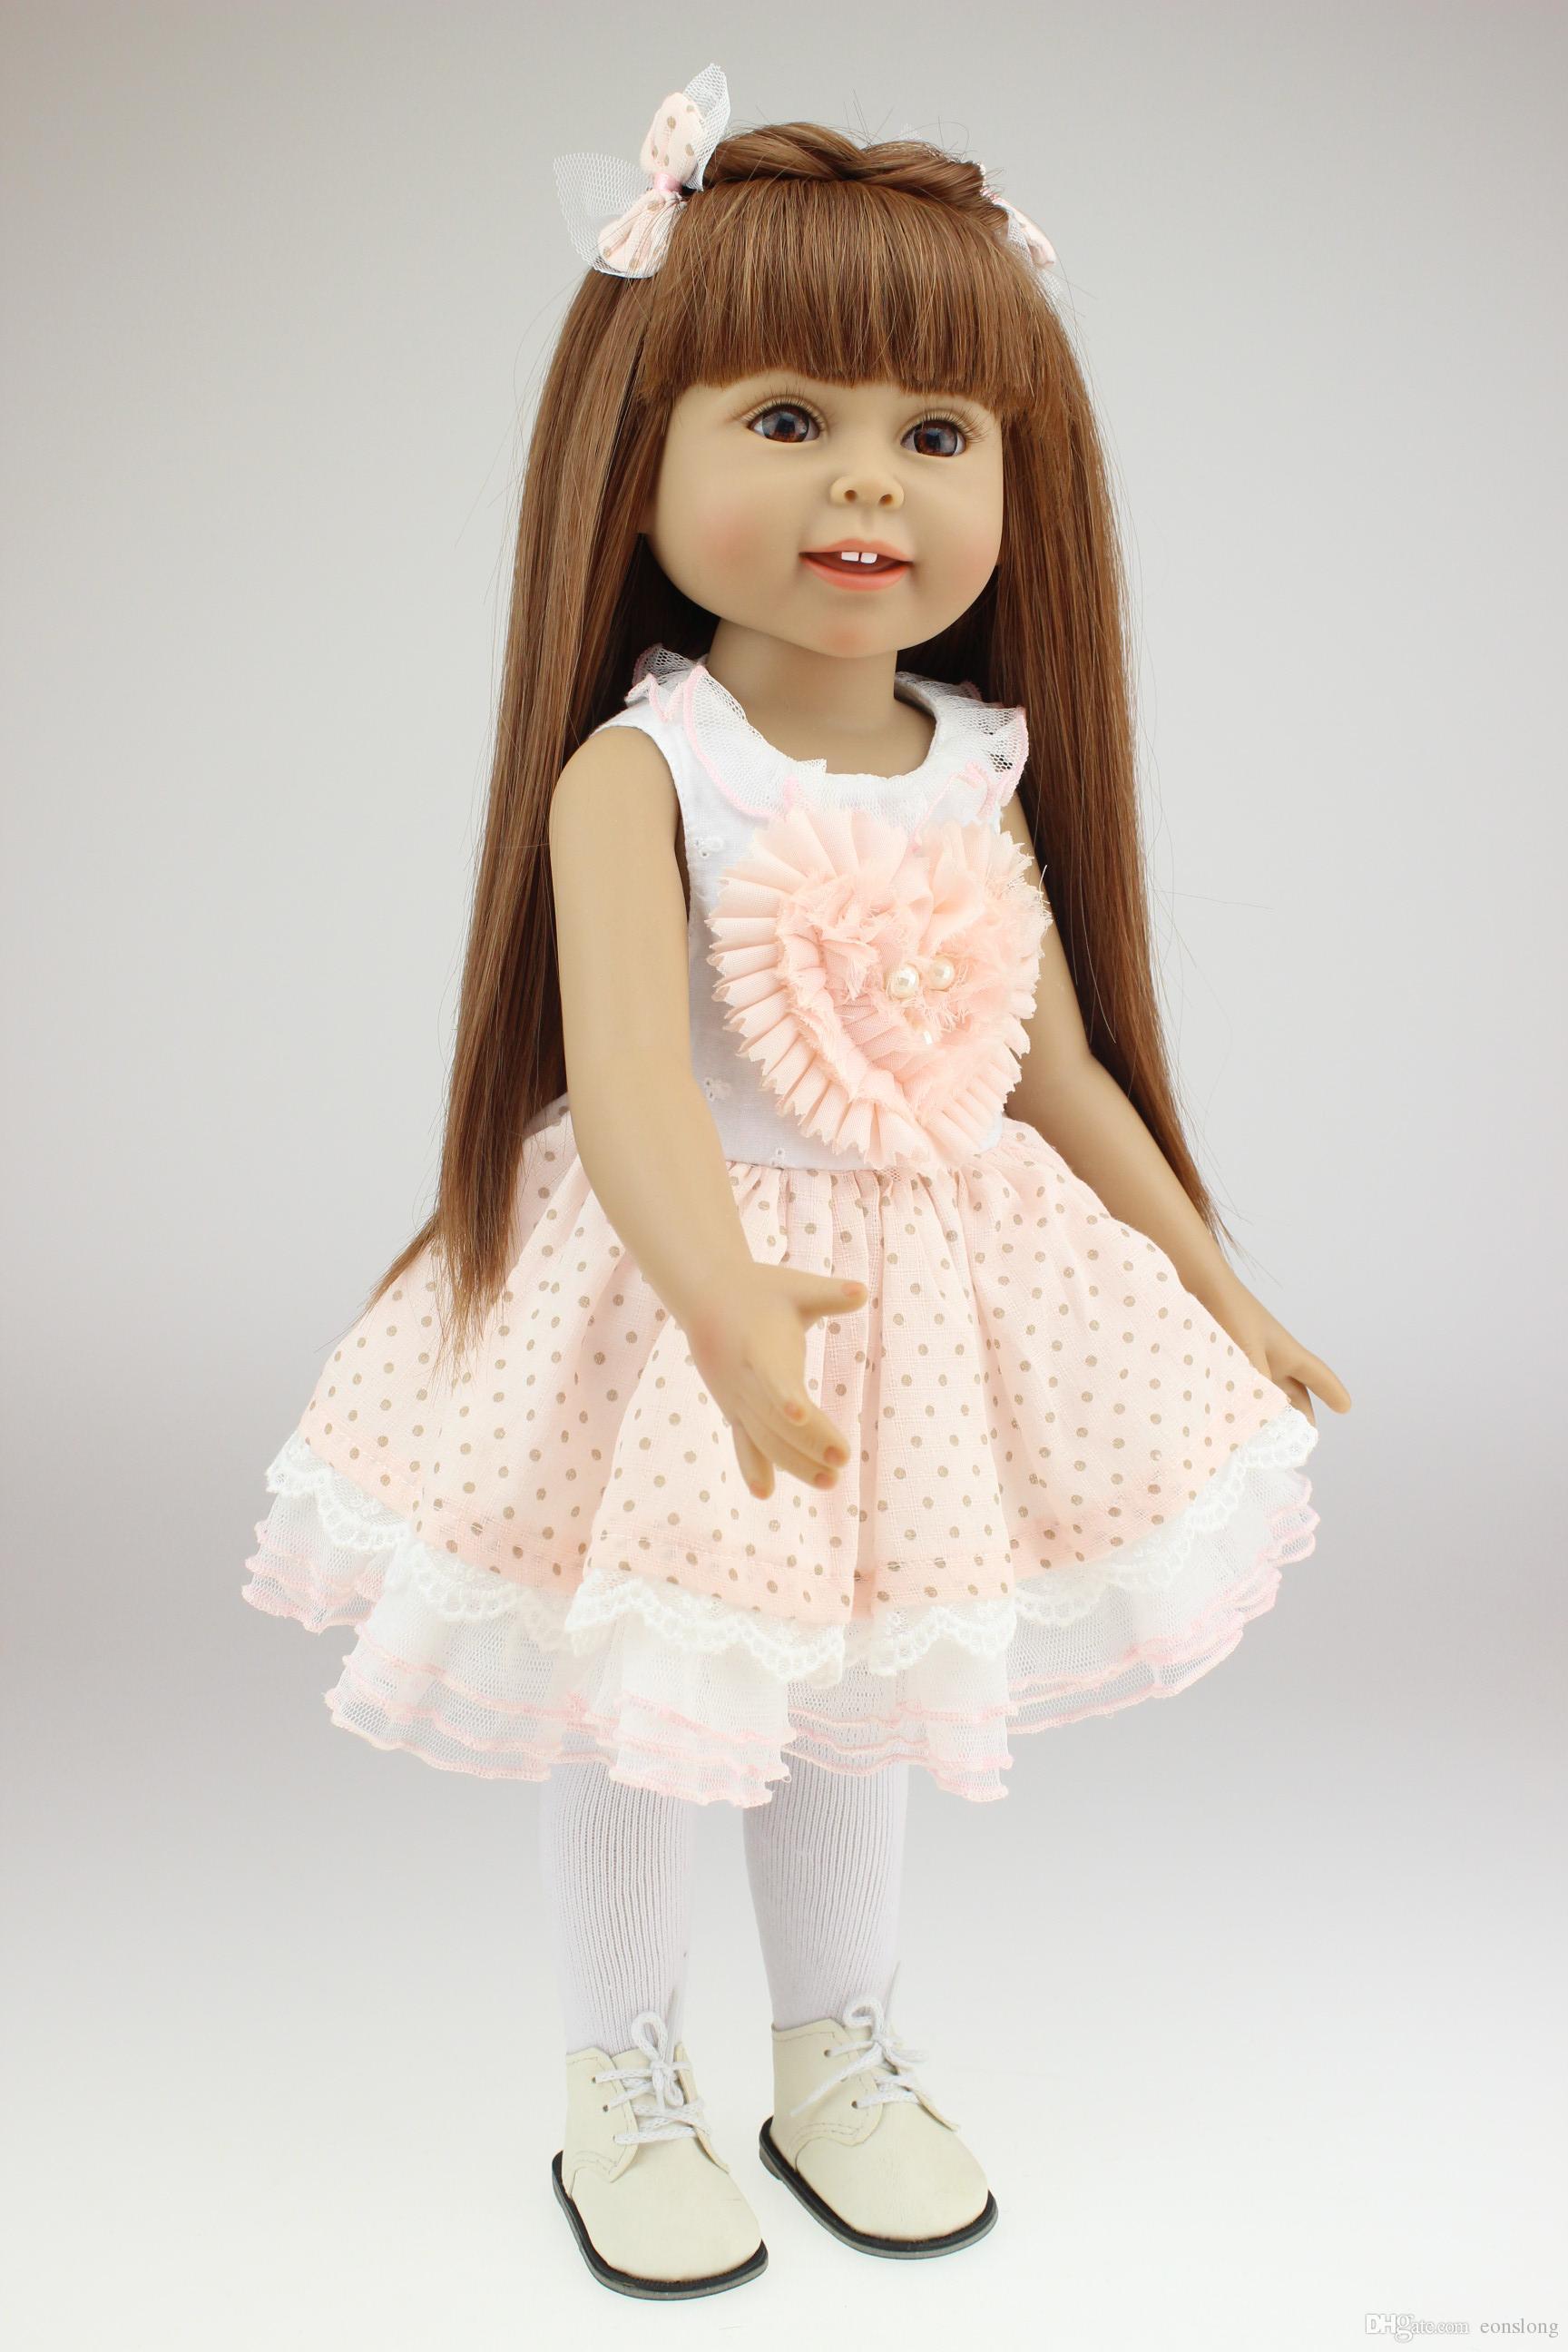 미국 소녀 인형 공주 인형 18 인치 / 45cm, 소프트 플라스틱 아기 인형 장난감 완구 어린이